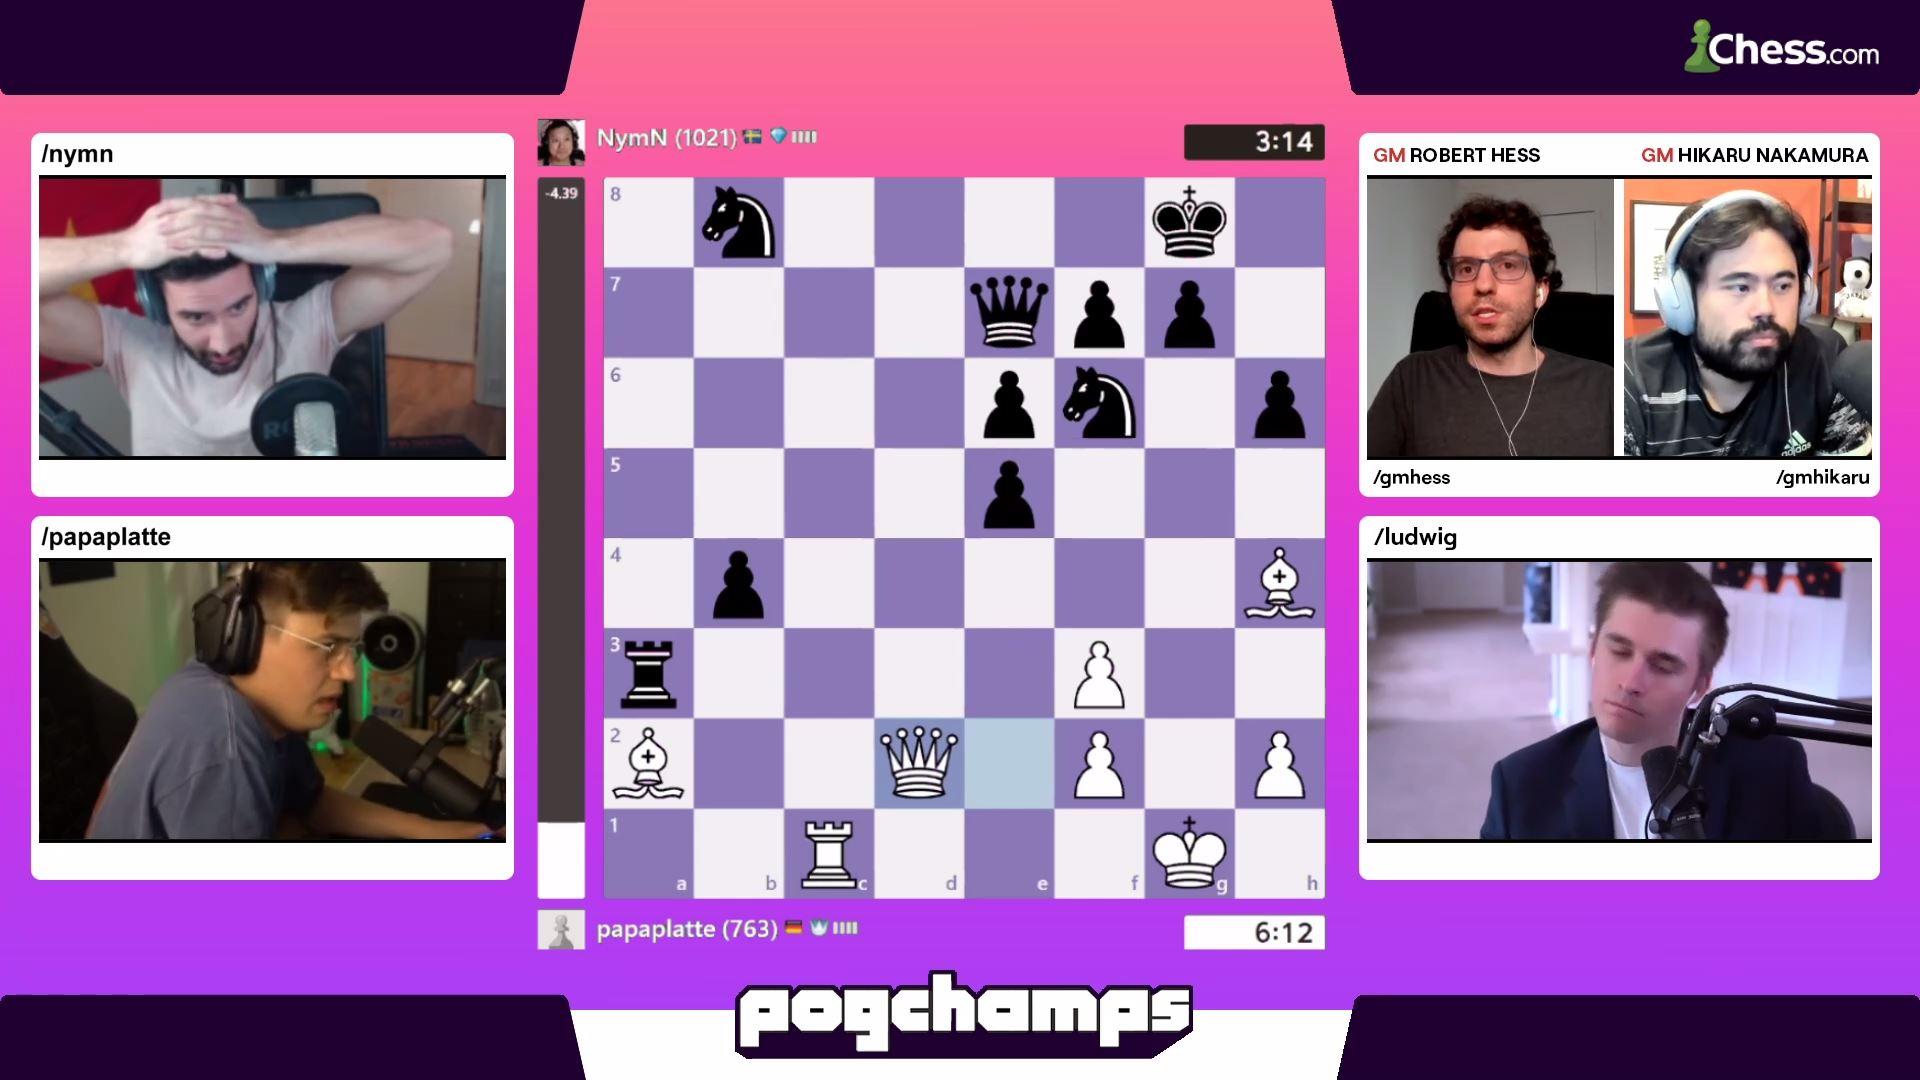 Pogchamps bracket chess Twitch